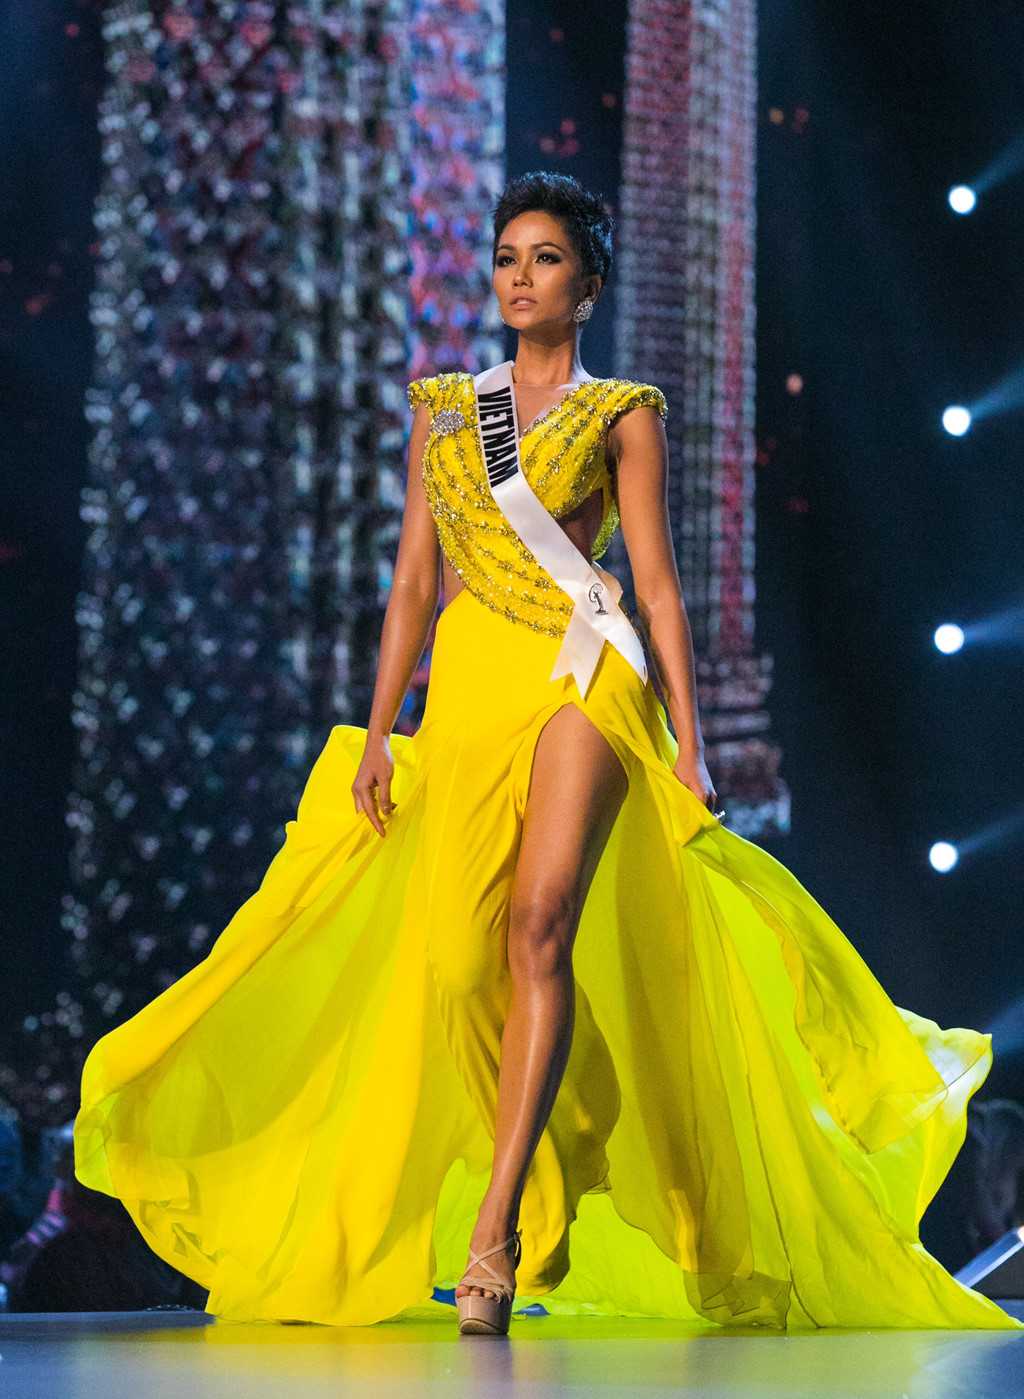 Rầm rộ tin Hoa hậu HHen Niê sẽ thành giám khảo Miss Universe 2020, khán giả Việt và Philippines tranh cãi nảy lửa - Ảnh 5.